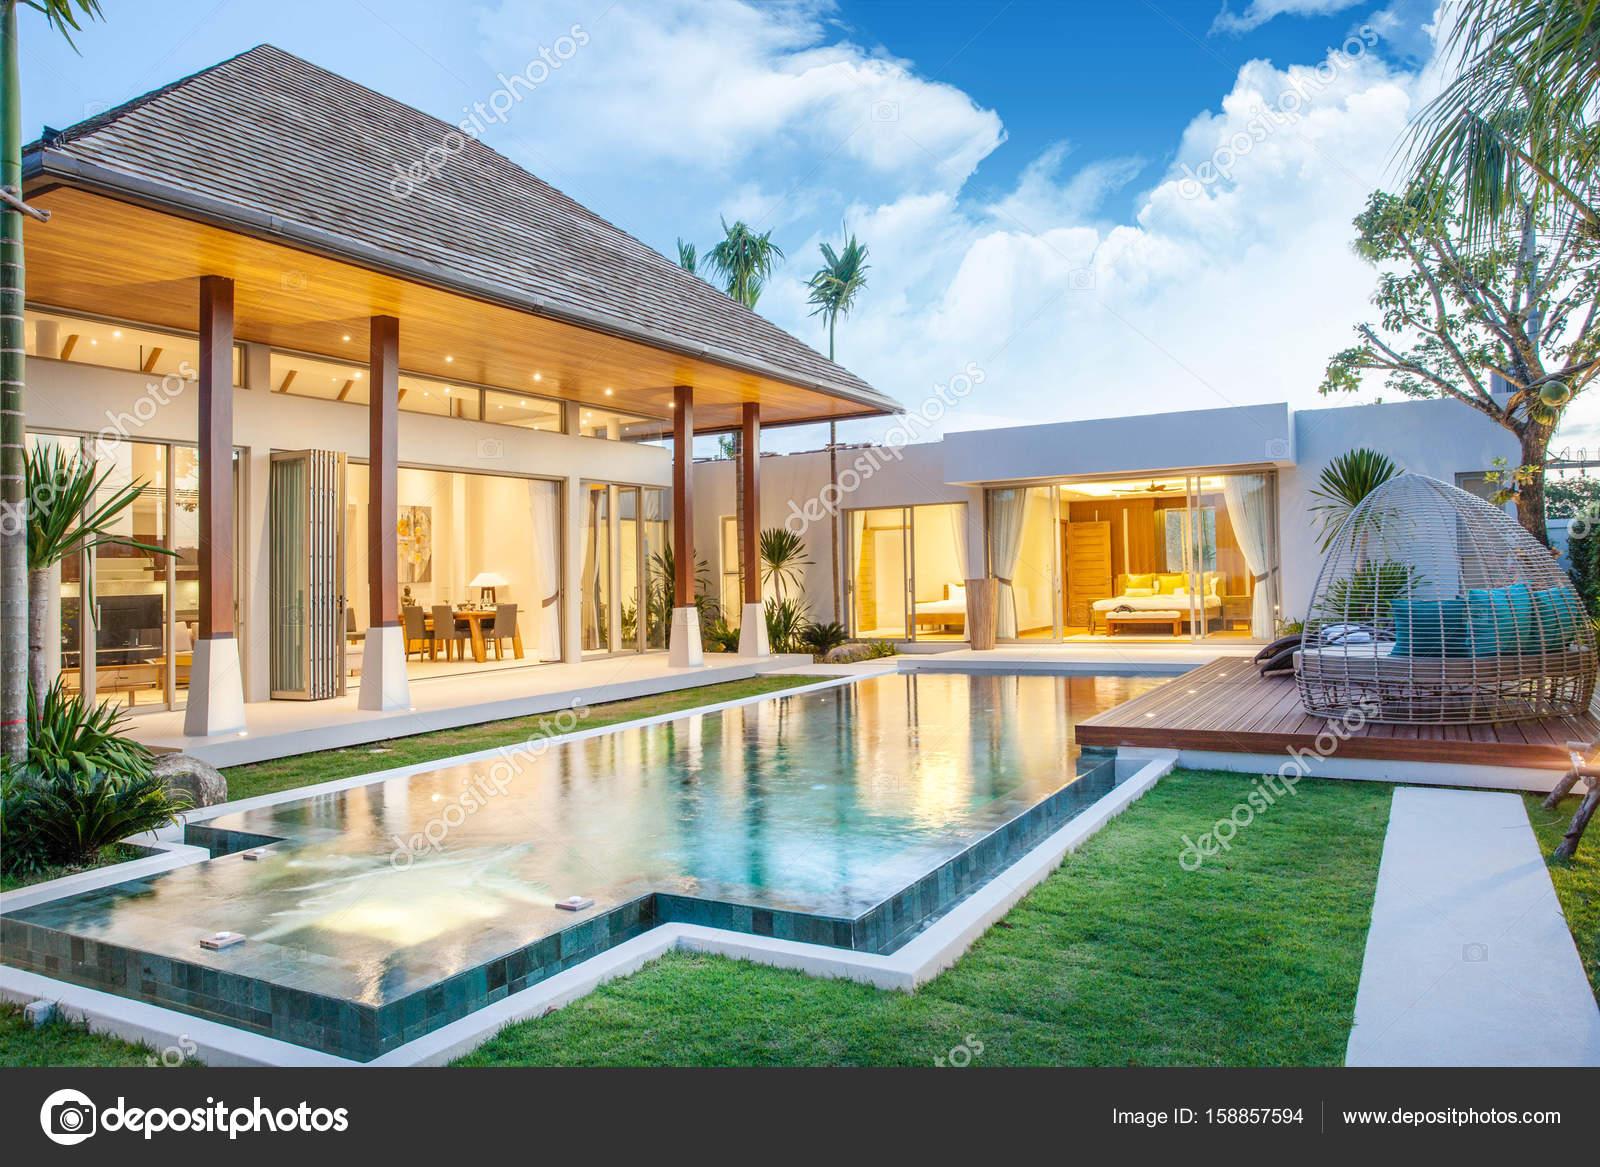 Interieur en exterieur design van villa met zwembad welke kenmerken ...